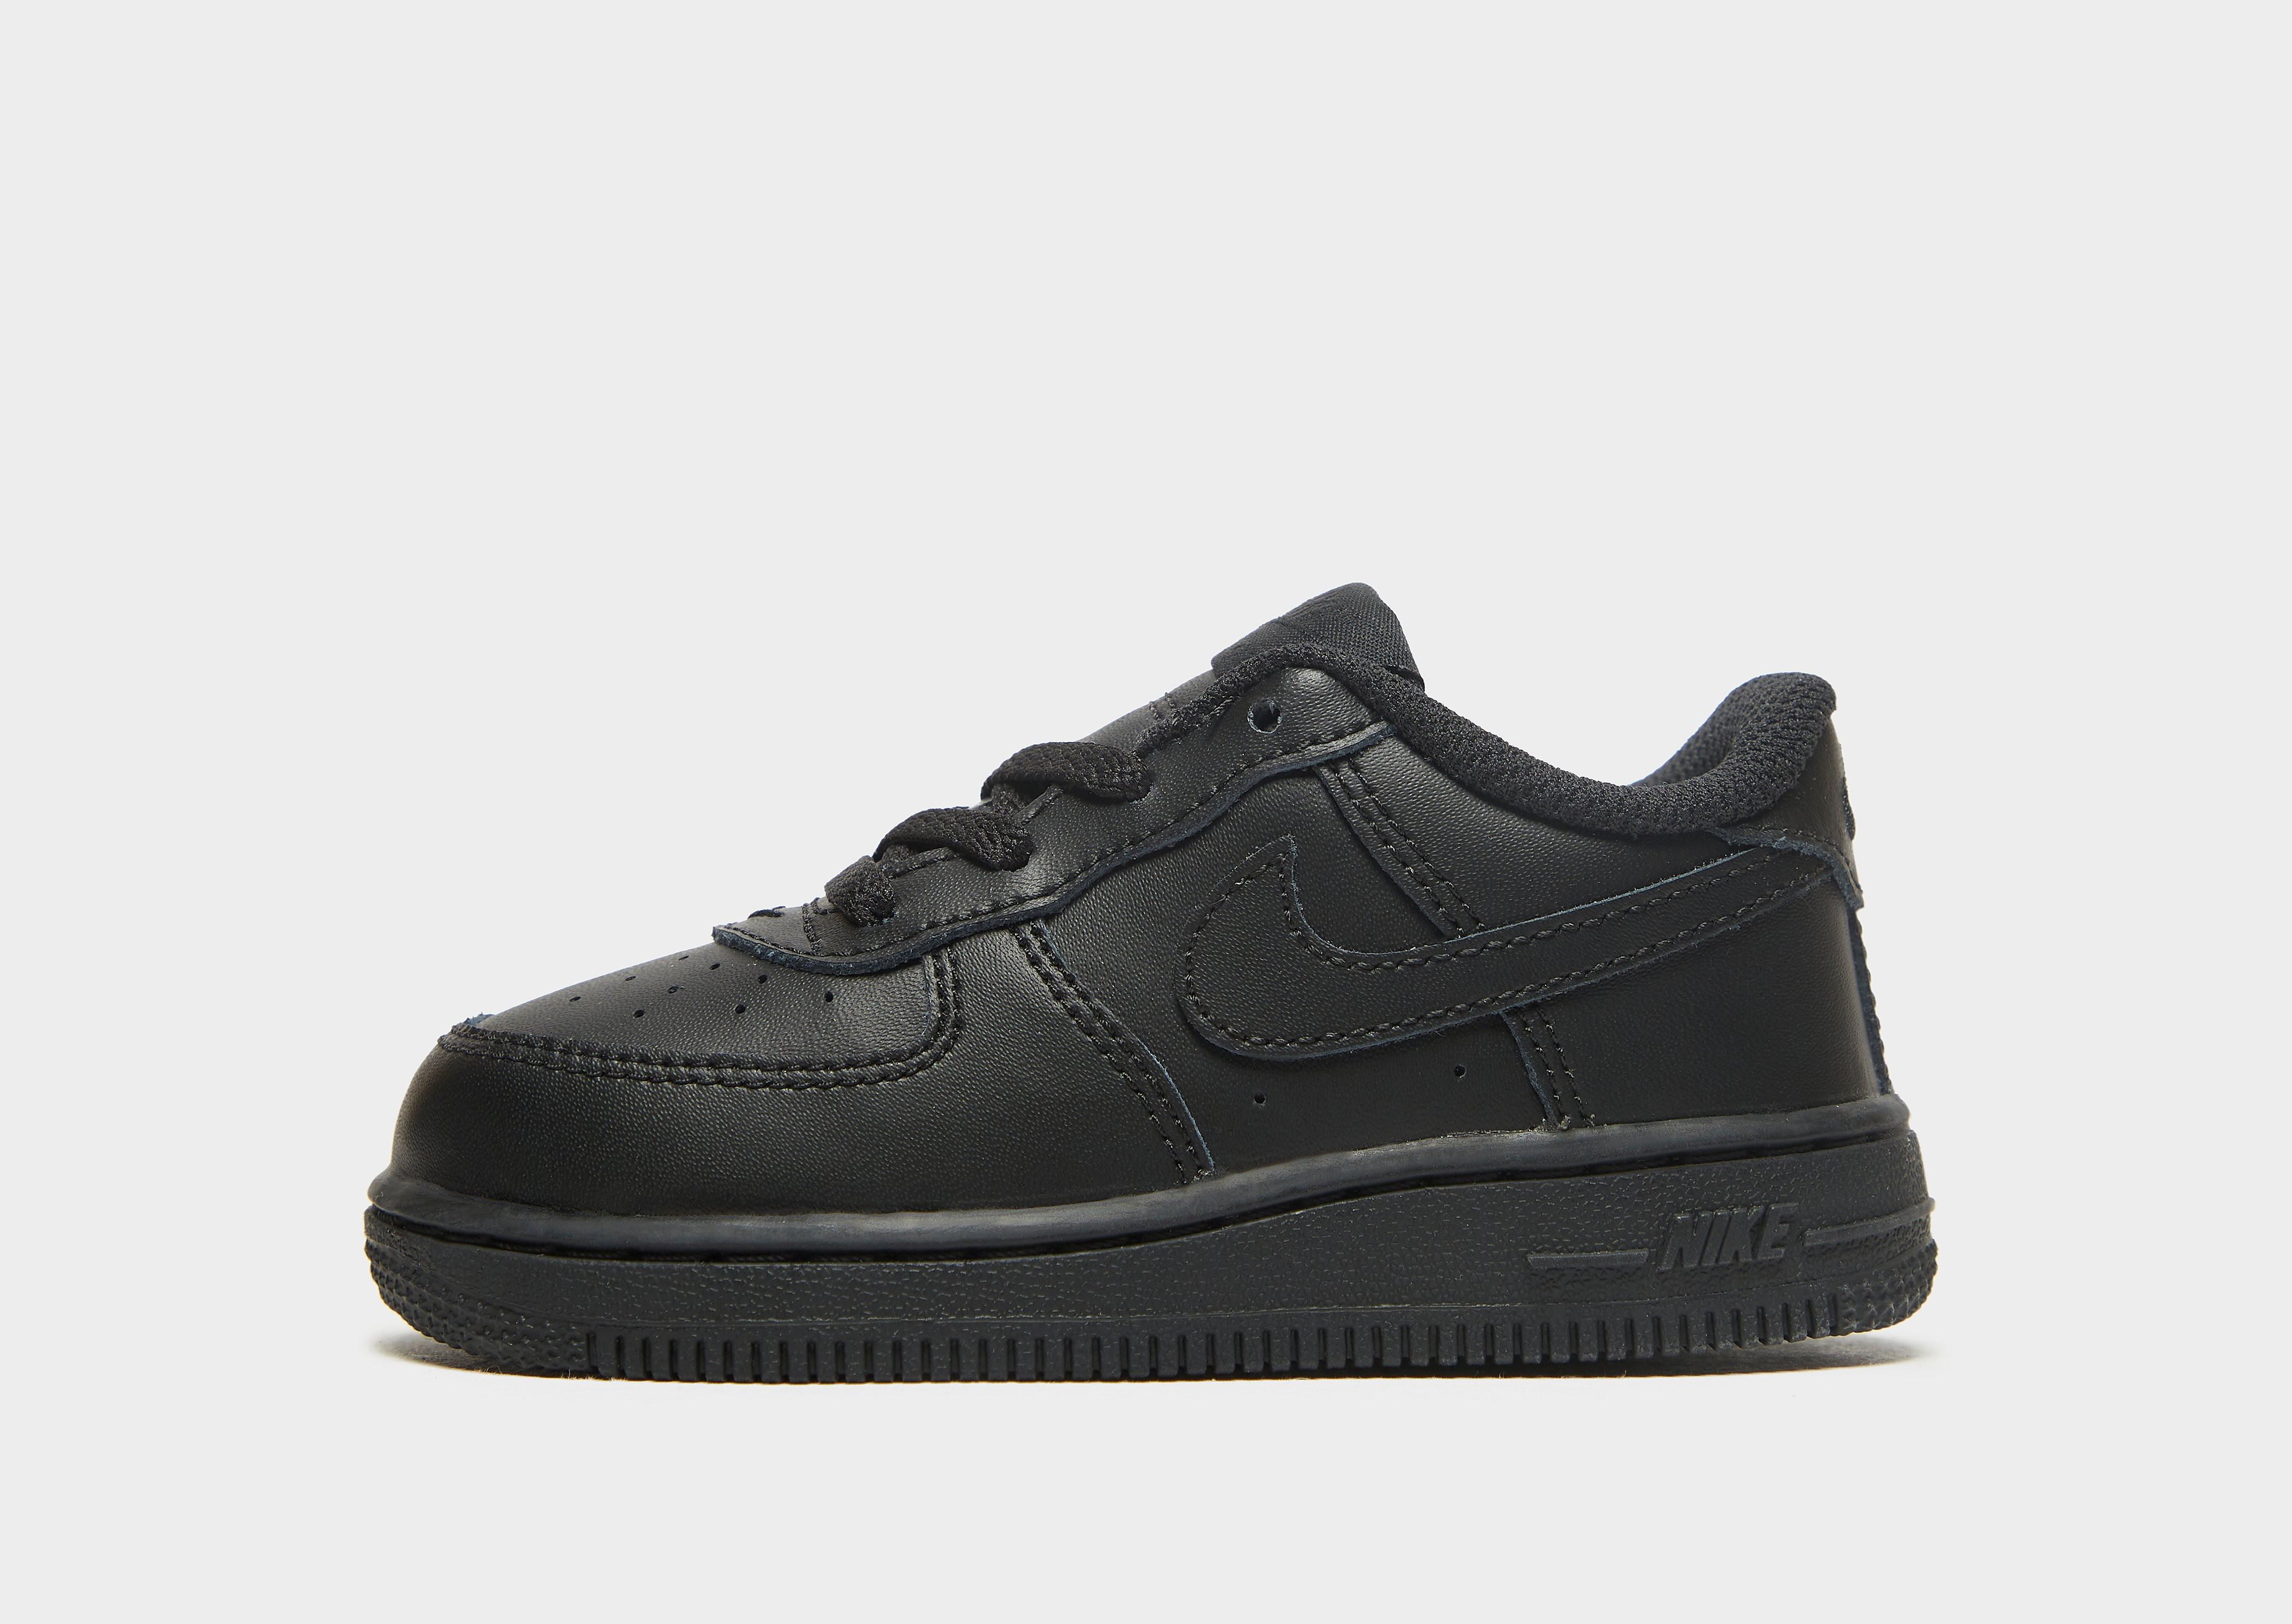 Nike Air Force 1 kindersneaker zwart